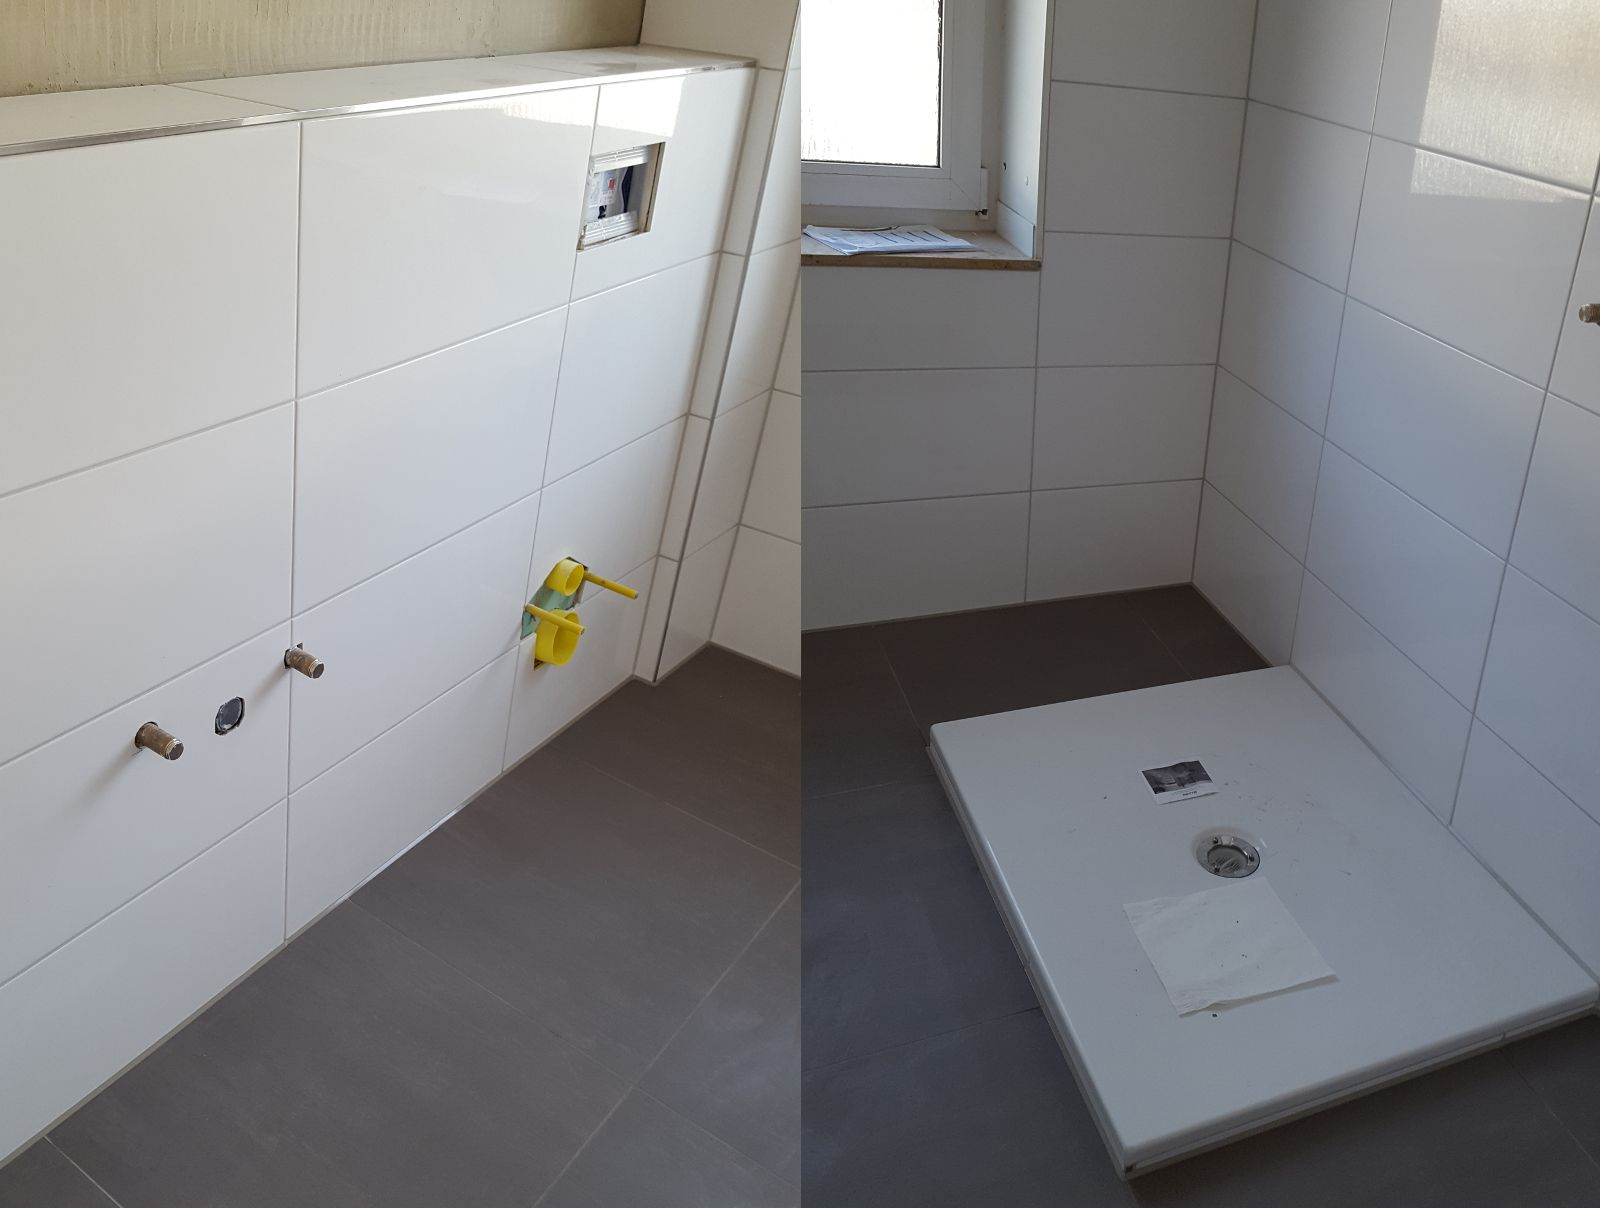 Renovierung meines bathroom badezimmer dunkle bodenfliesen und